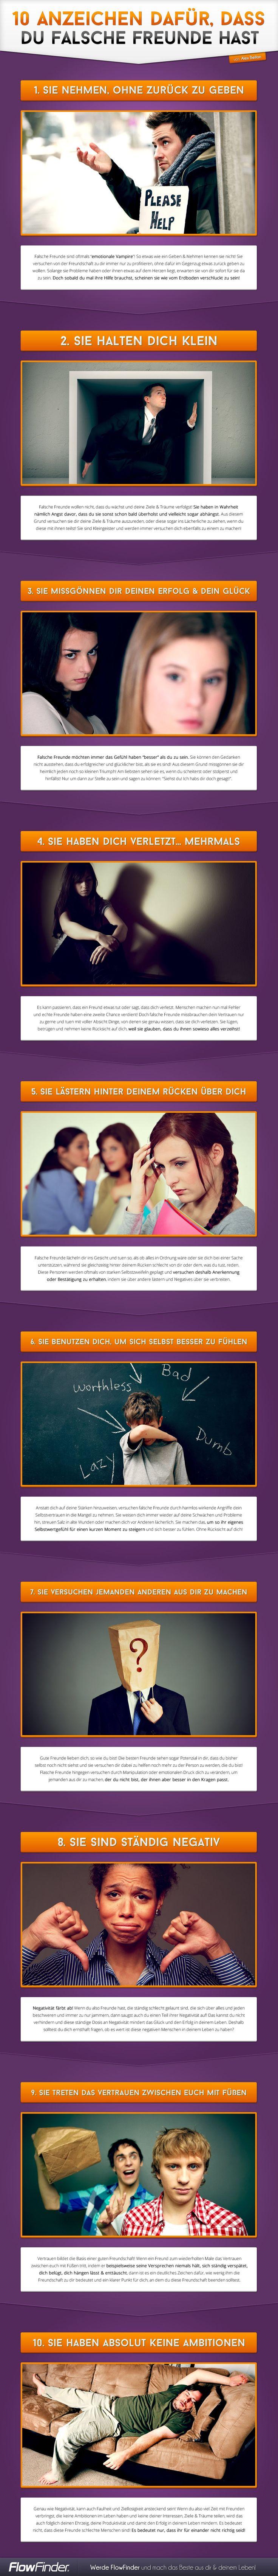 10 Anzeichen dafür, dass du falsche Freunde hast